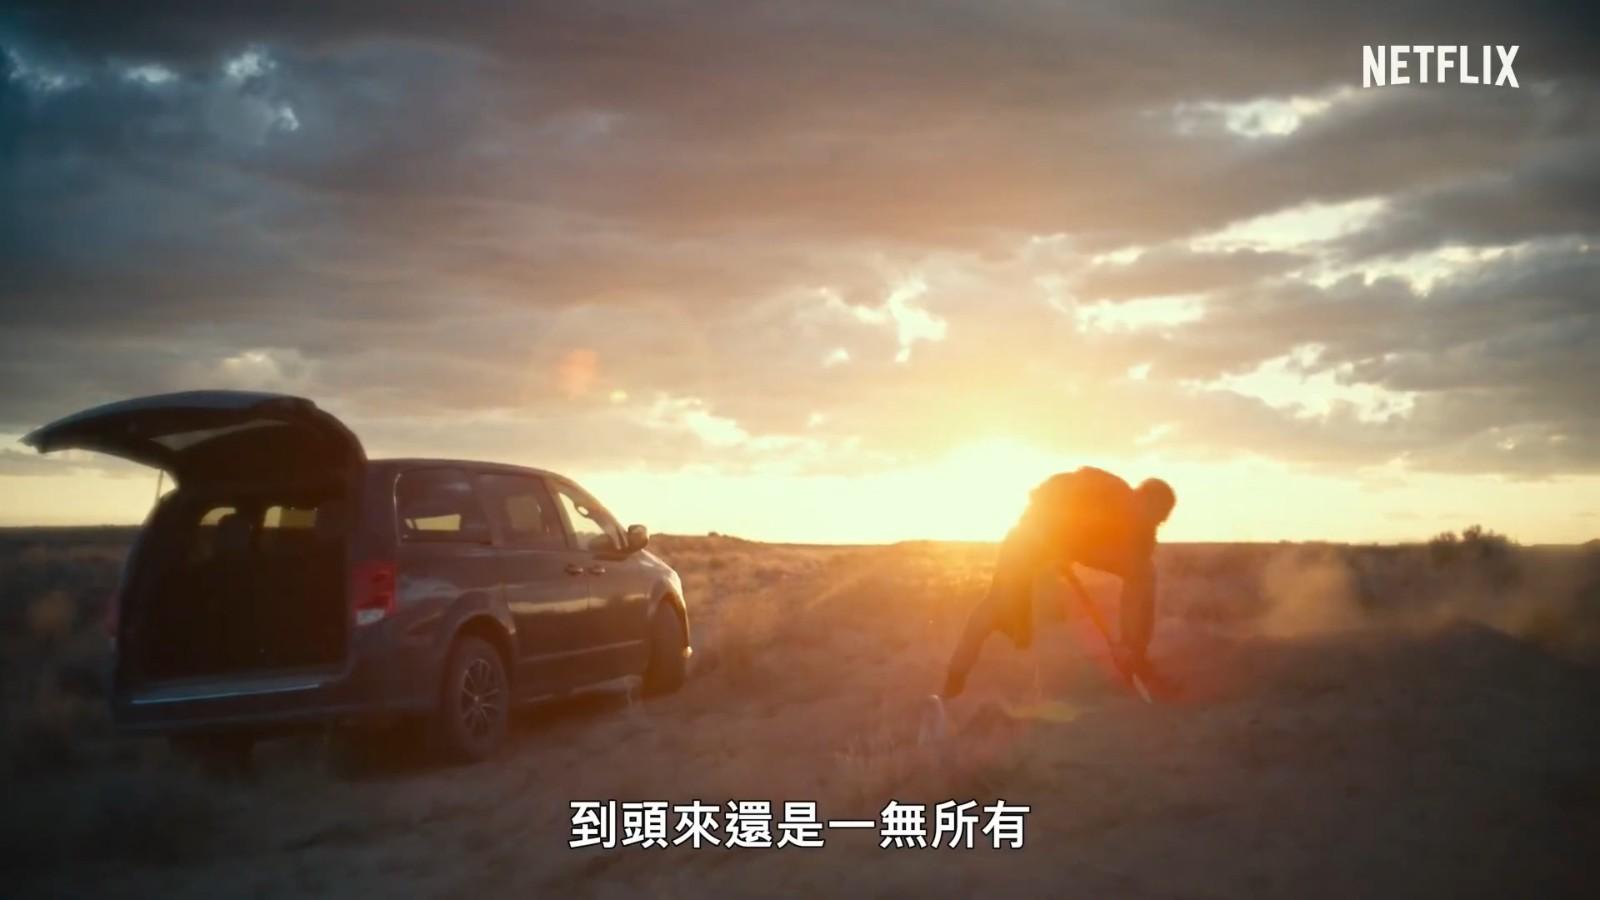 《活死人军团》中文正式预告 僵尸也会进化了